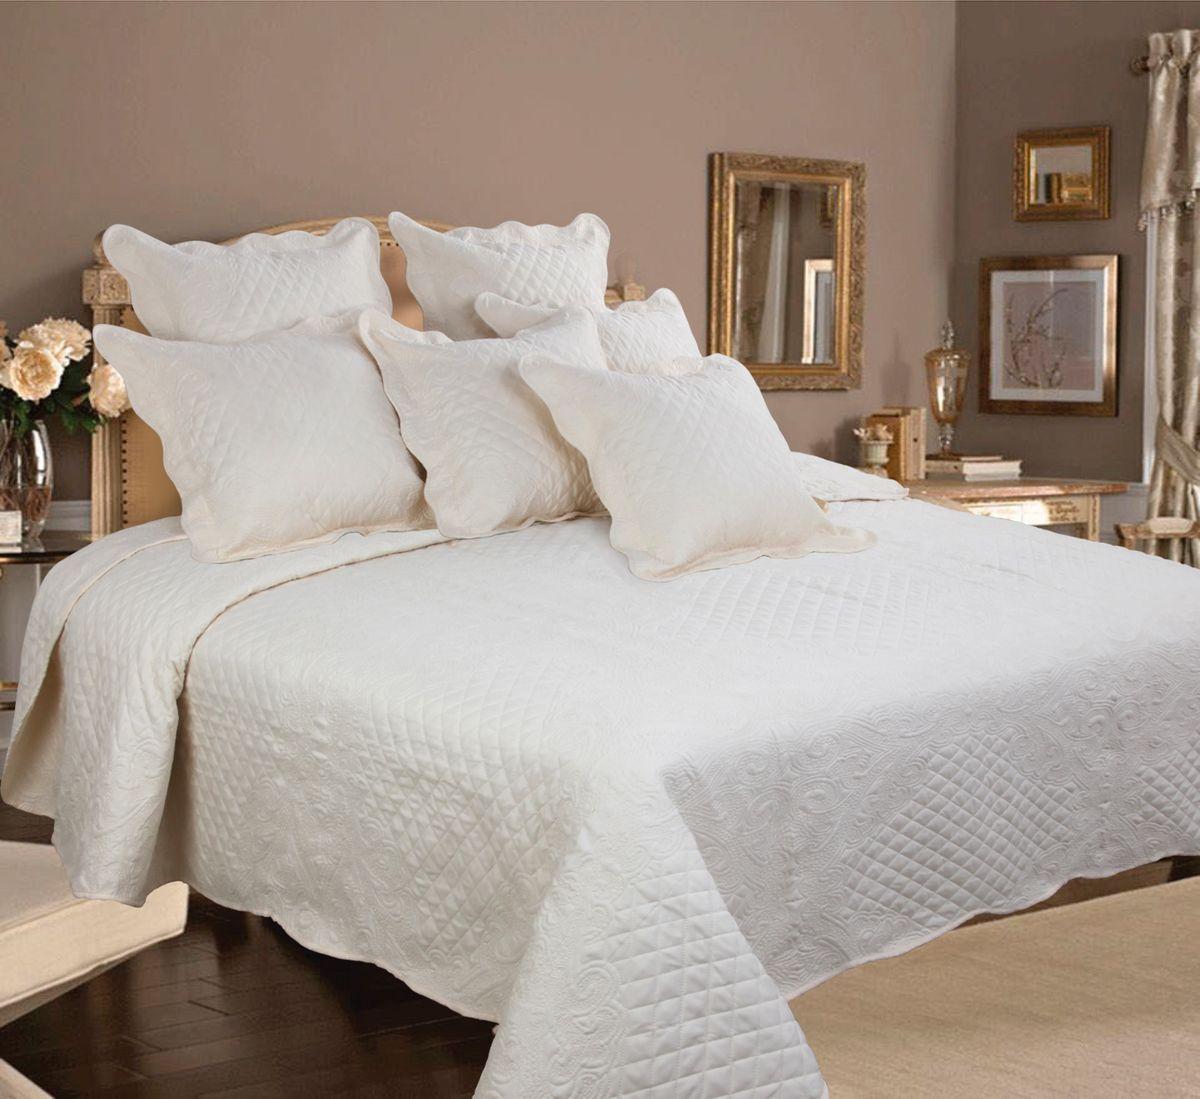 Комплект для спальни Mona Liza Royal Milky: покрывало 240 х 260 см, 2 наволочки 40 х 40 см, цвет: молочныйlns184196Изысканный комплект для спальни Mona Liza Royal Milky состоит их стеганого покрывала и двух наволочек. Комплект выполнен из высококачественного полиэстера, оформлен декоративной ниточной стежкой, фигурным низом и обработан кантом.Комплект Mona Liza Royal - это отличный способ придать спальне уют и привнести в интерьер что-то новое. В комплект входит:Покрывало - 1 шт. Размер: 240 см х 260 см.Наволочка - 2 шт. Размер: 40 см х 40 см.